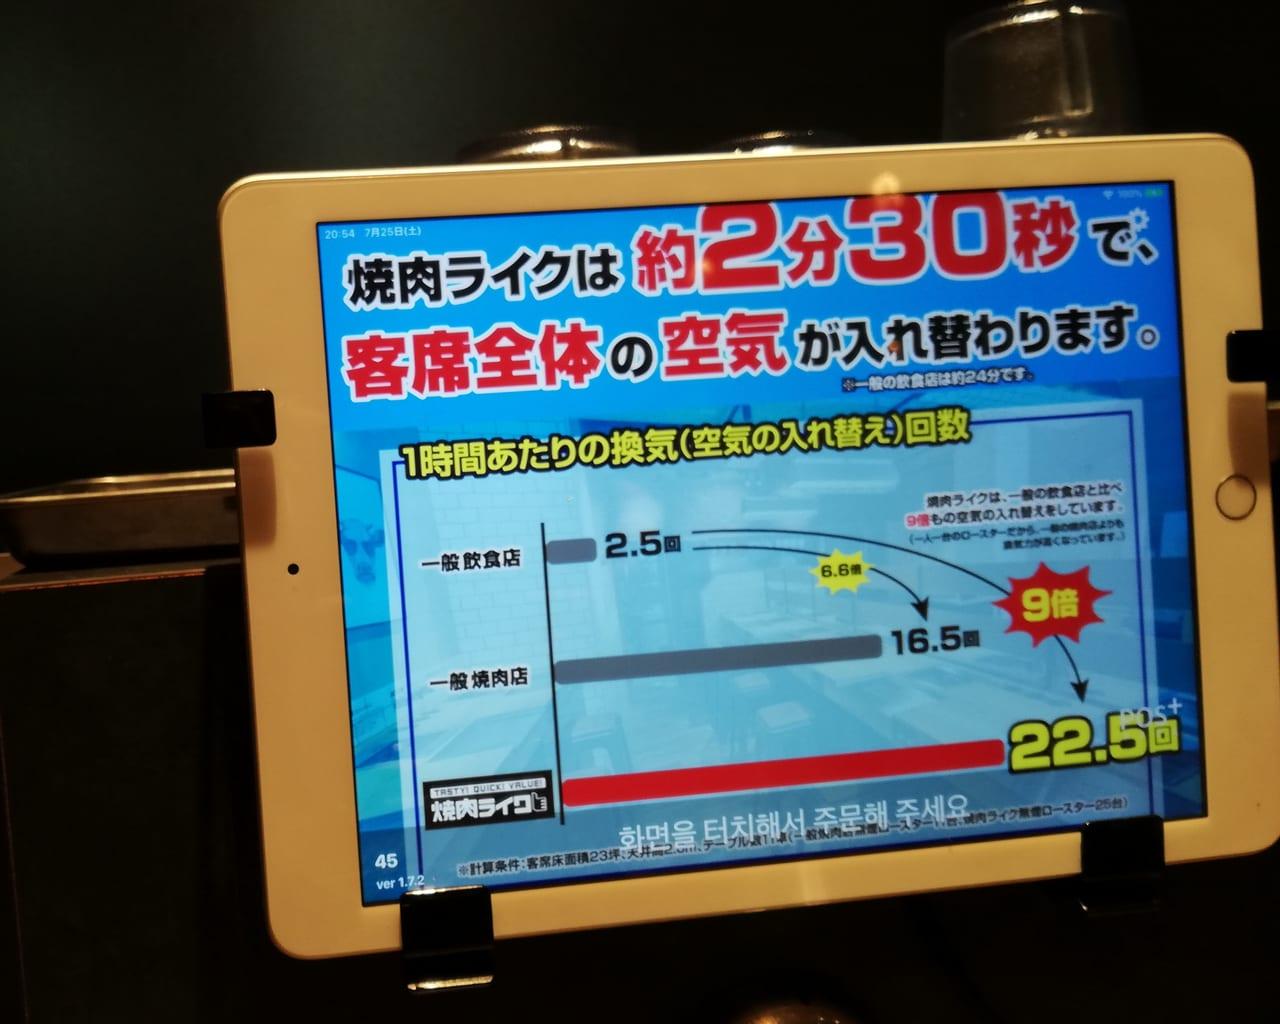 「こんときこそ、ひとり焼肉!」1人1台の無煙ロースターで焼肉を楽しめる「焼肉ライク 平塚四之宮店」が人気です!